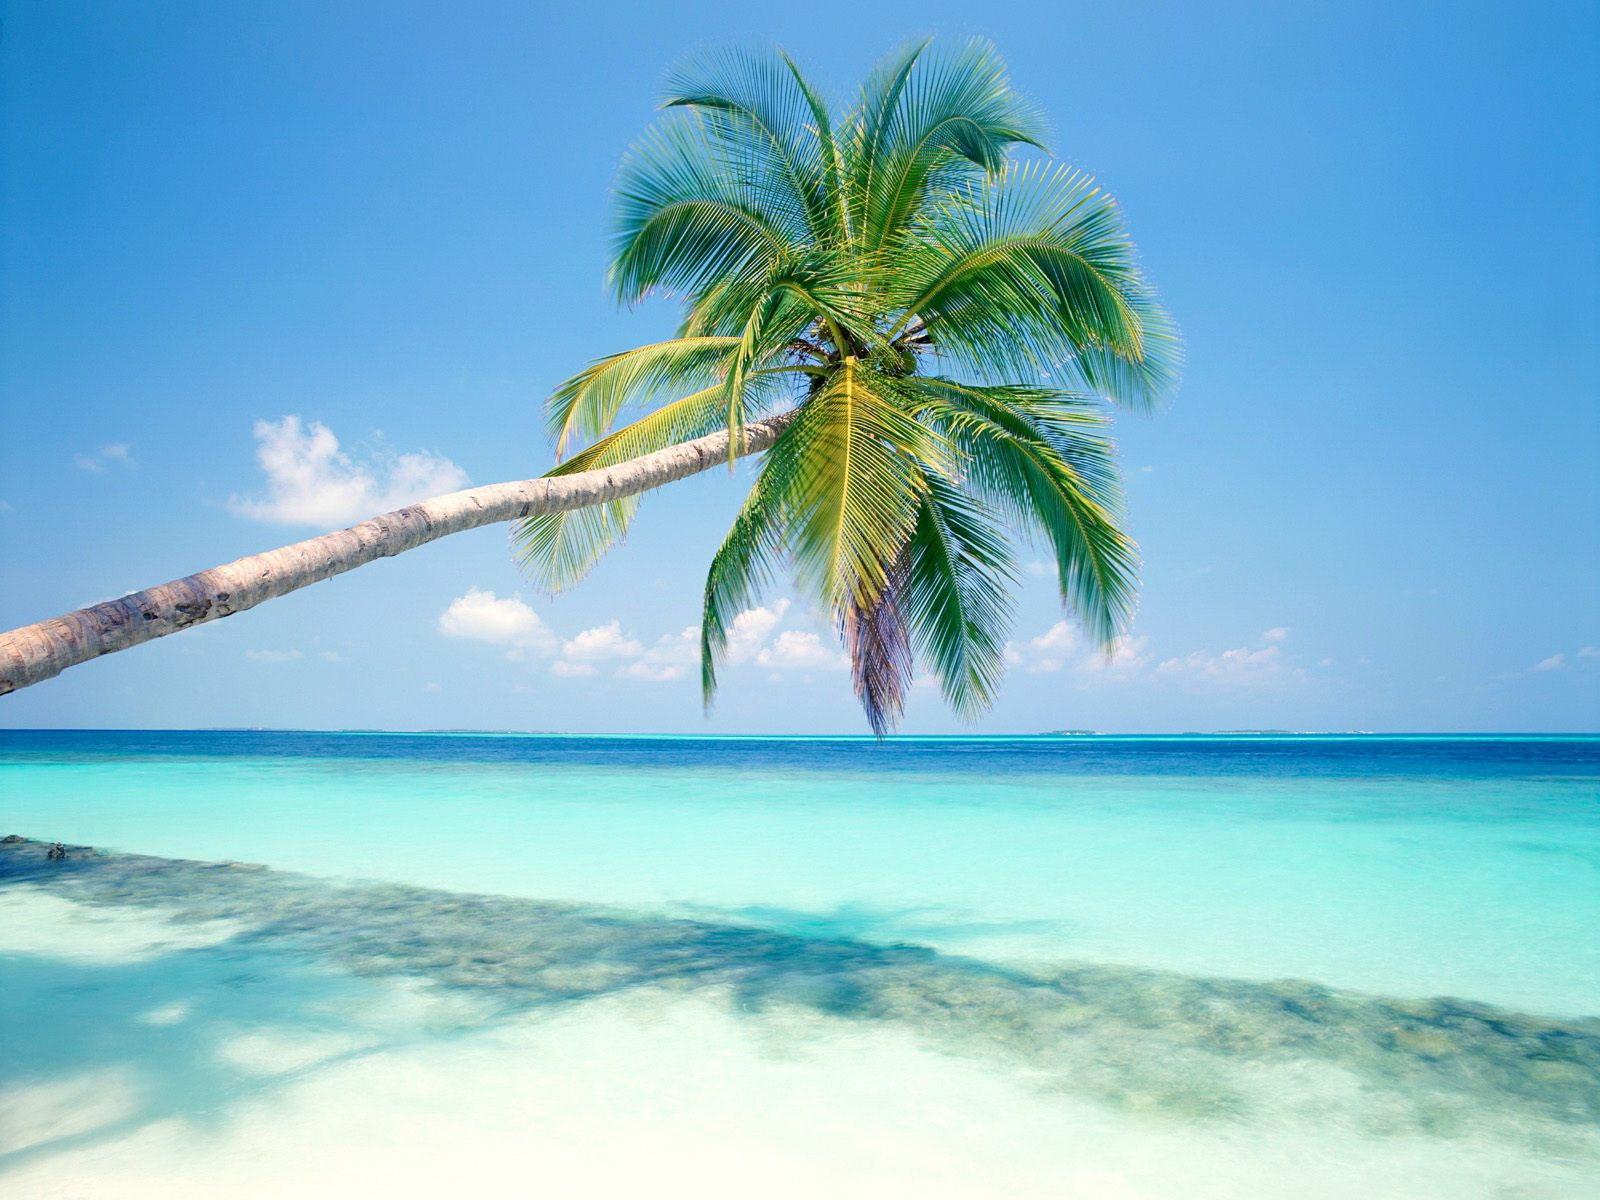 Hình nền cây dừa nằm nghiêng đổ bóng xuống biển